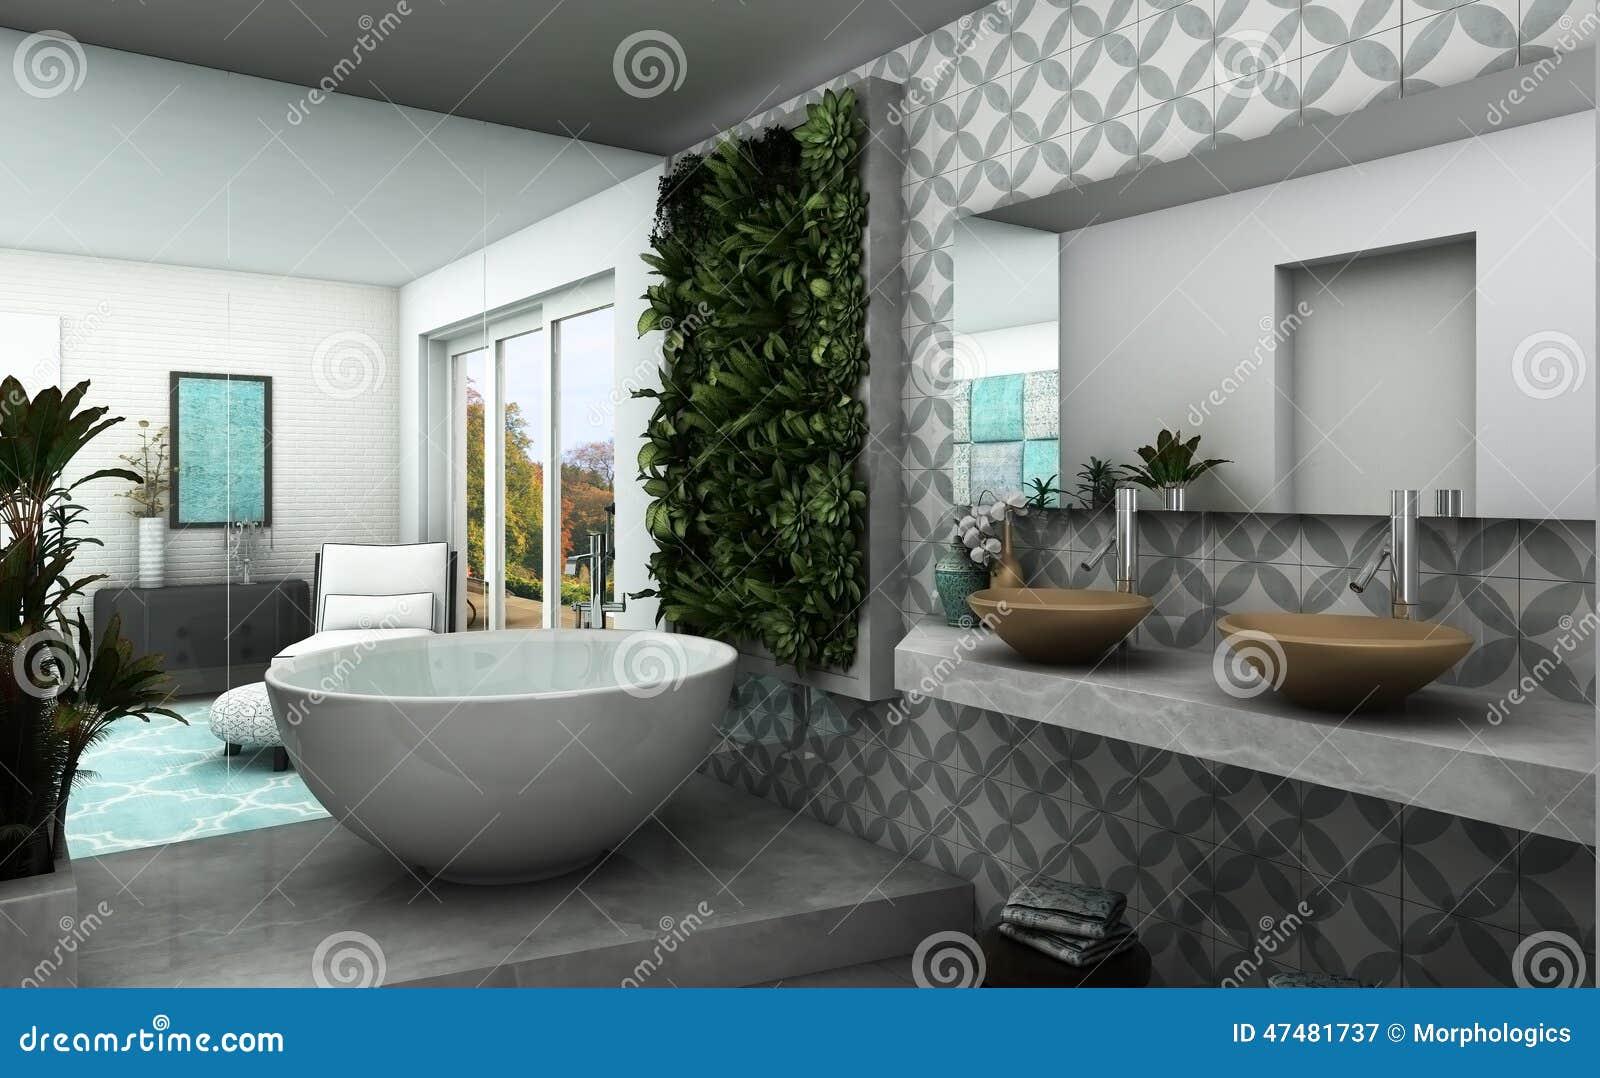 moderno rende do banheiro com jardim vertical e impressão oriental #82A328 1300x893 Banheiro Com Jardim Vertical